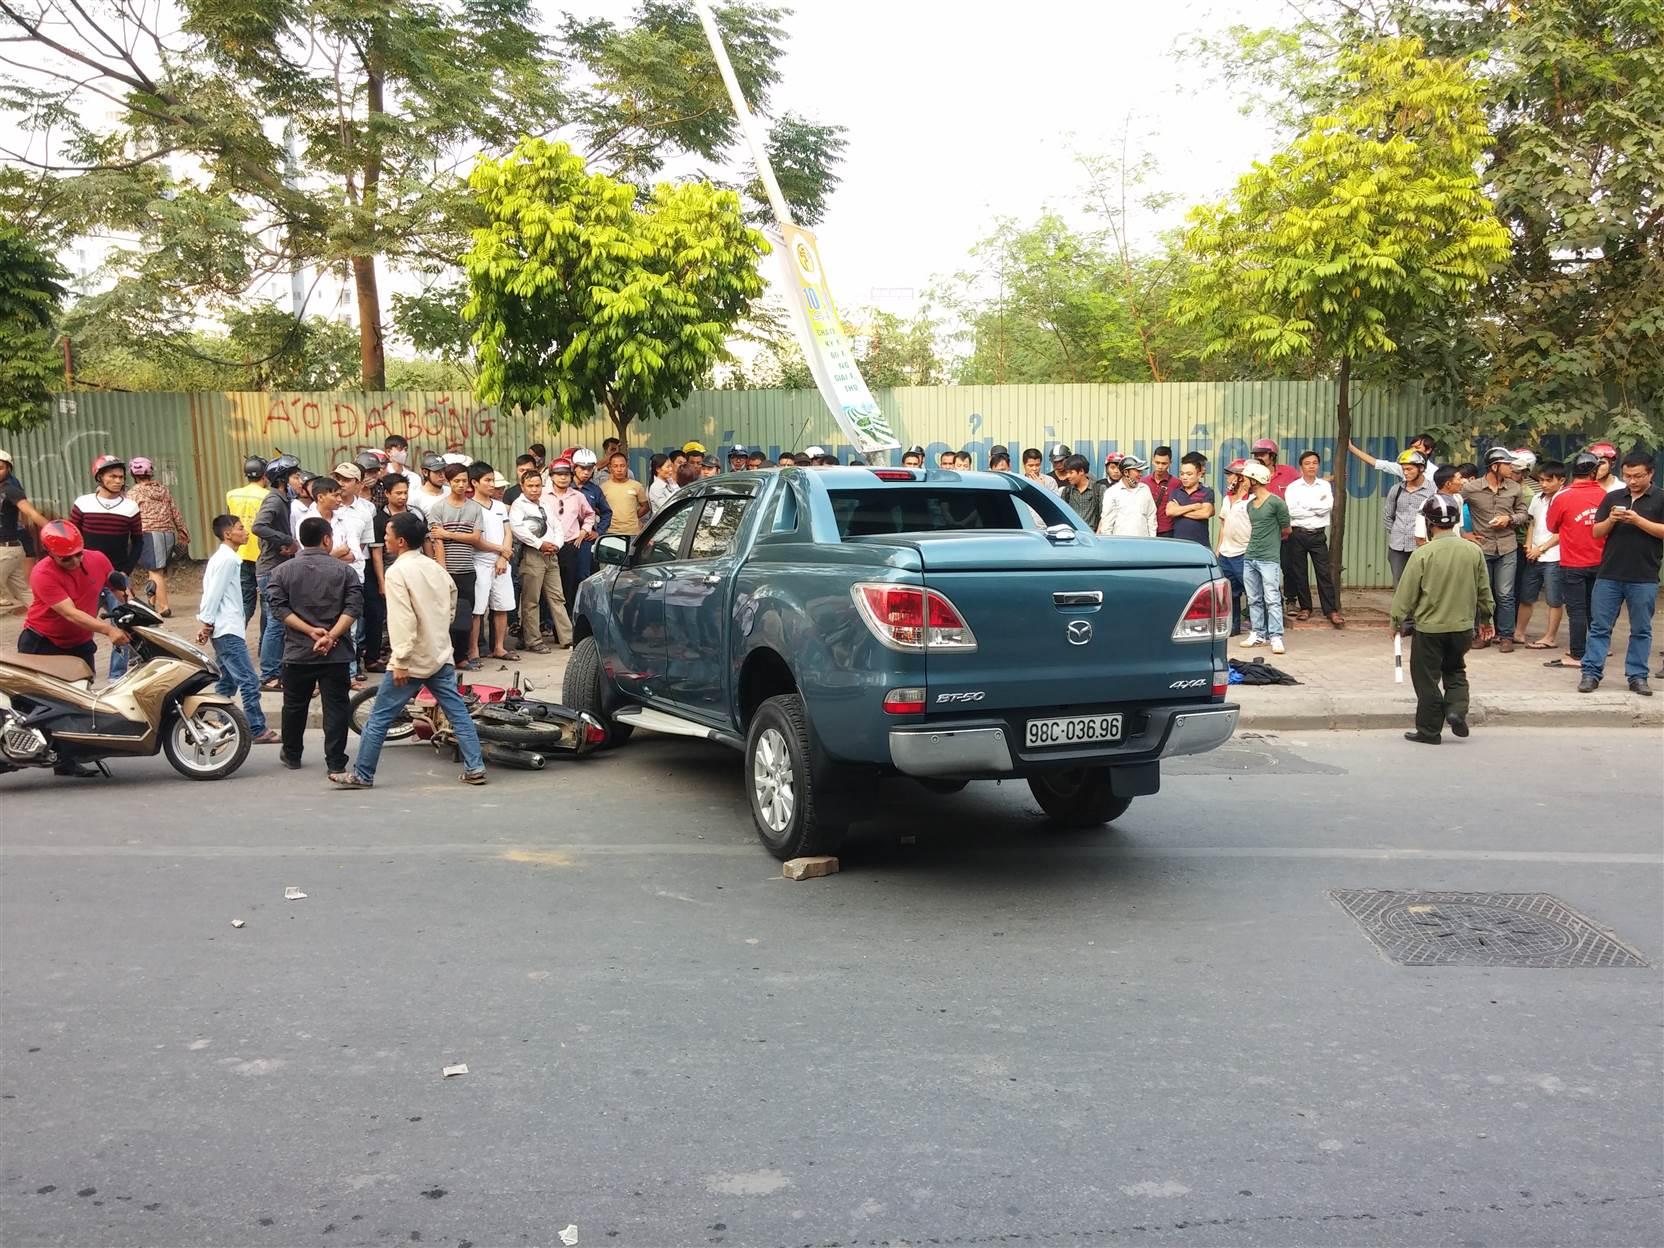 Tài xế gây tai nạn liên hoàn trên đường Phạm Hùng bị khởi tố 6